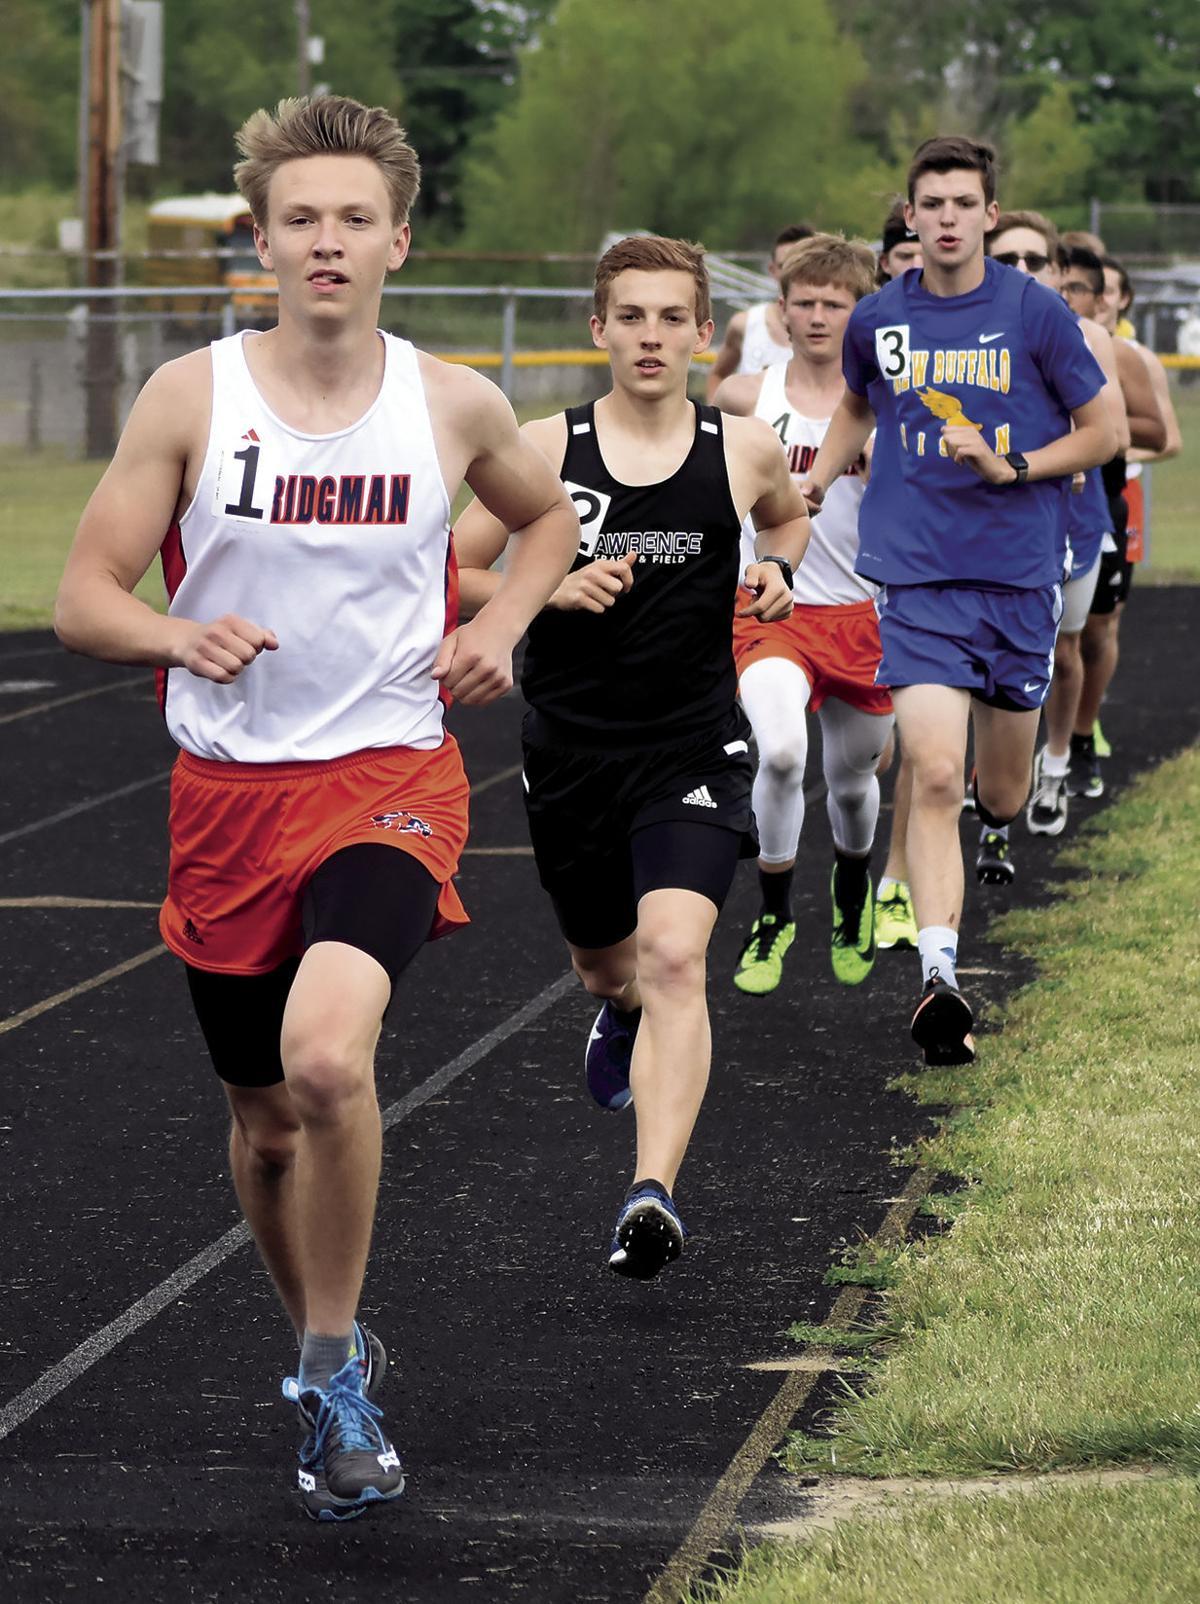 5 27 Sports Track 2 Bridgman Blesy.jpg